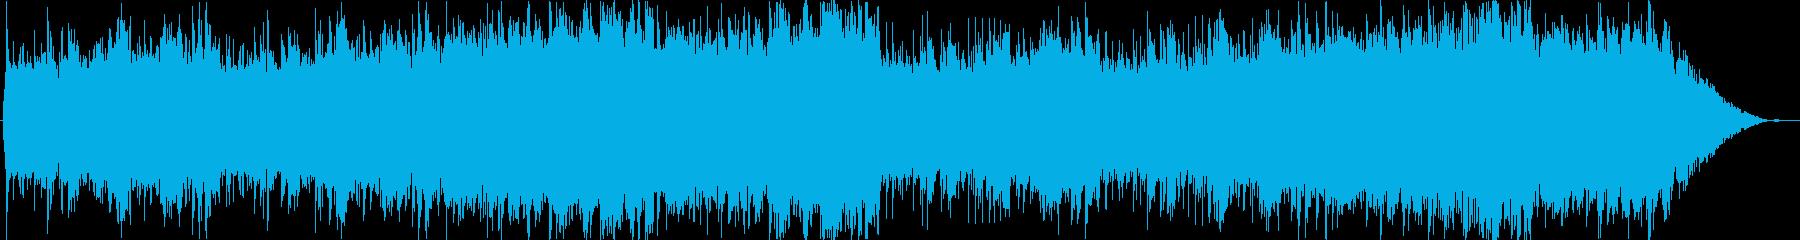 セーブポイント、夜明け、静けさ、キラキラの再生済みの波形